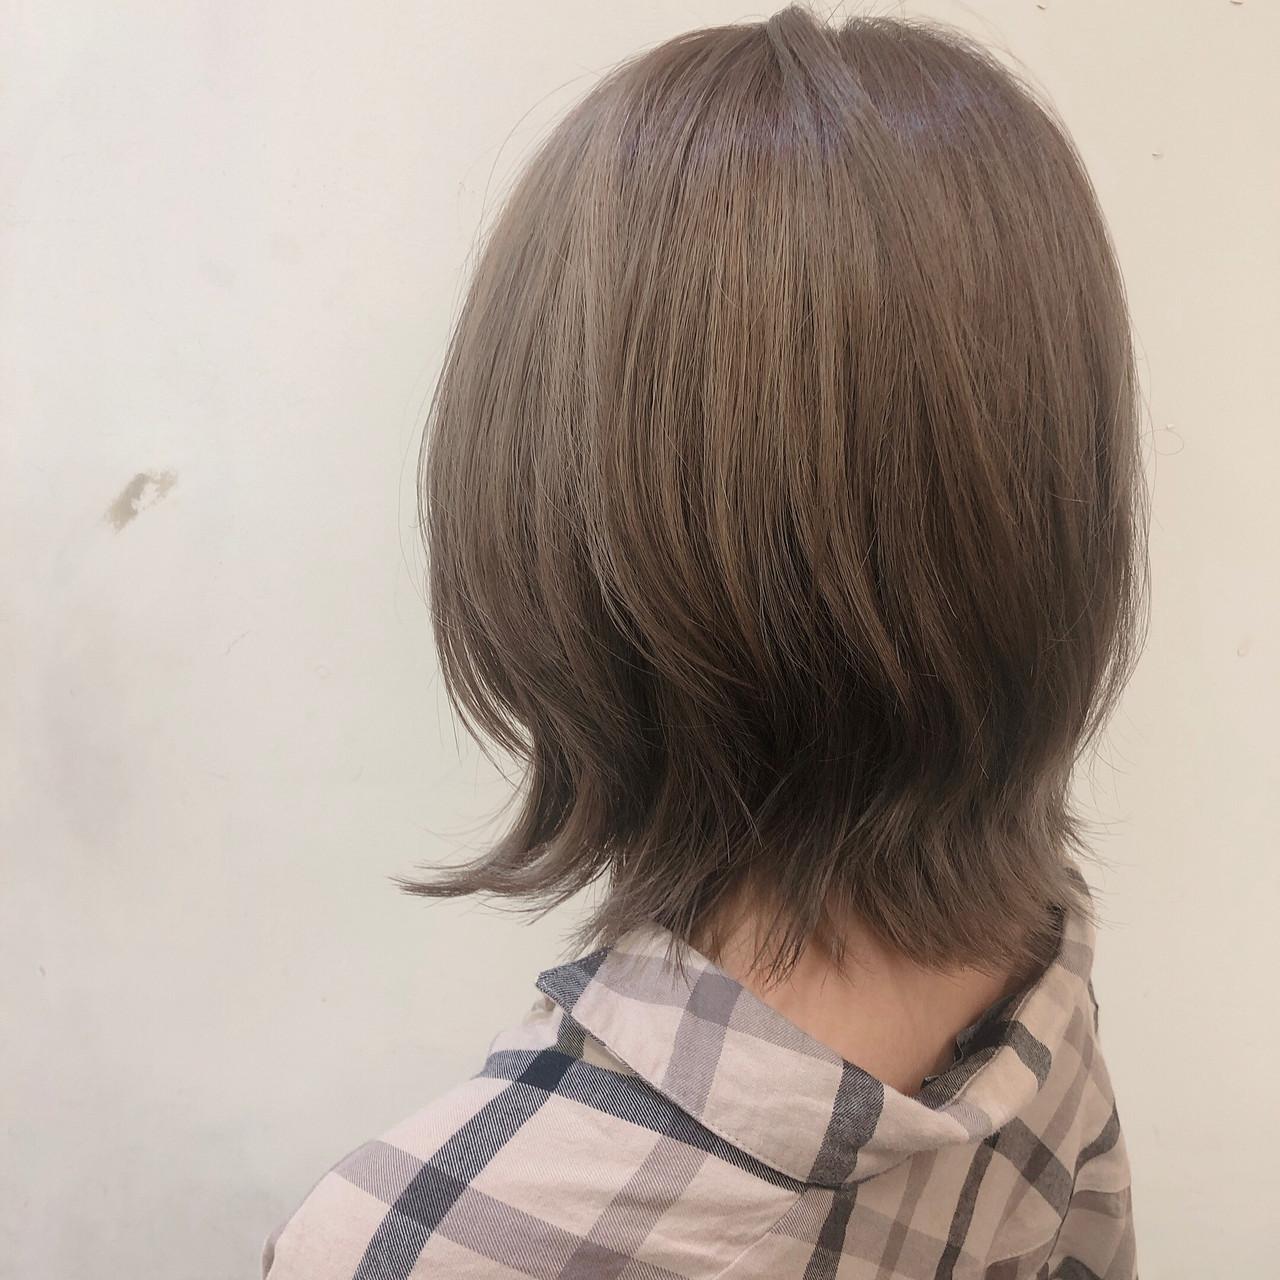 ミルクティー 外国人風 ナチュラル 切りっぱなしボブ ヘアスタイルや髪型の写真・画像